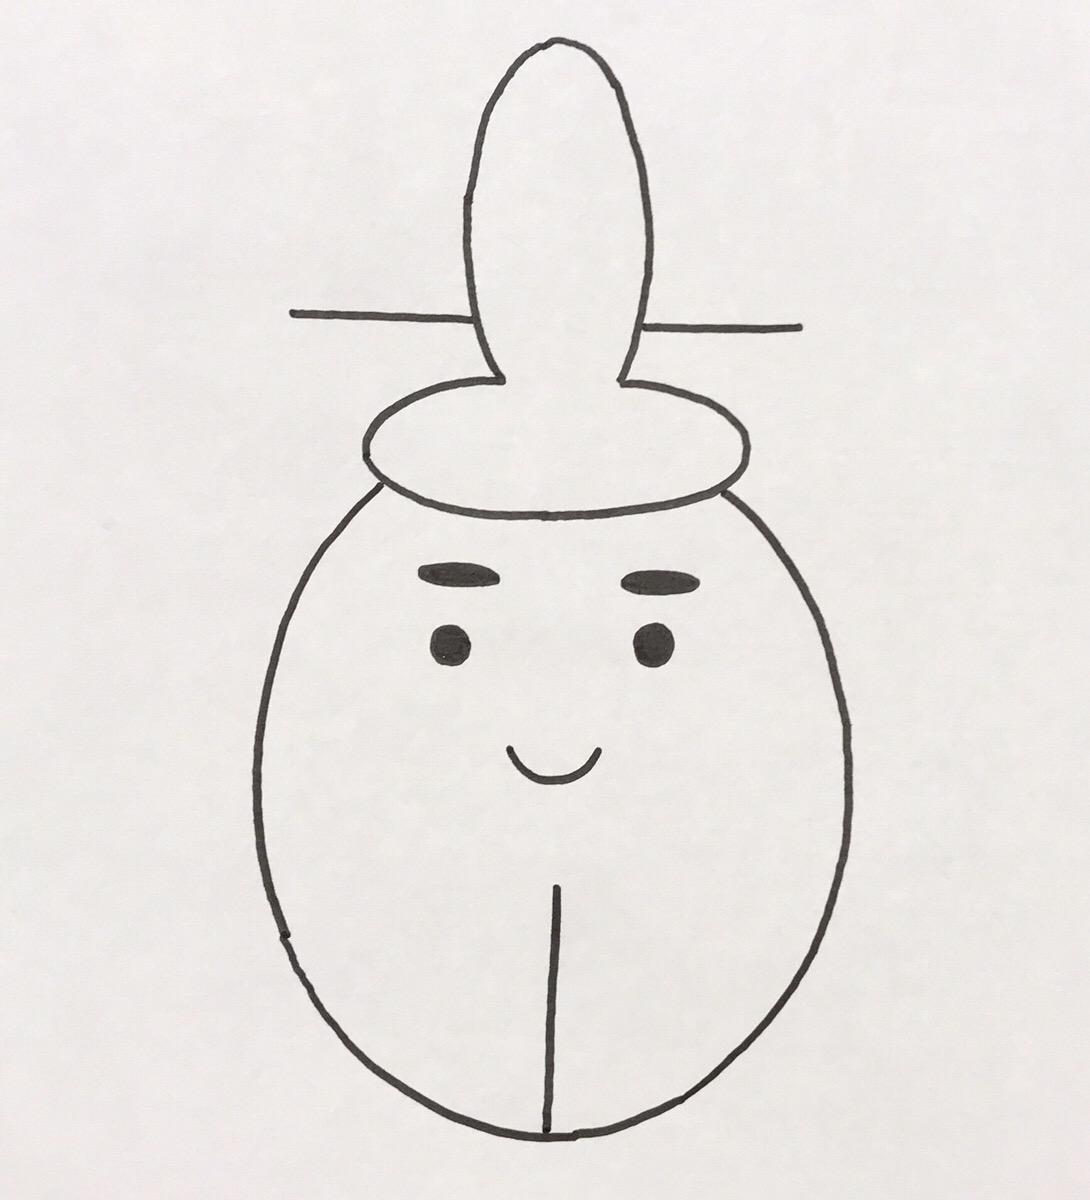 卵型の円の高さ2/3前後の部分まで、円の中央に線を引きます